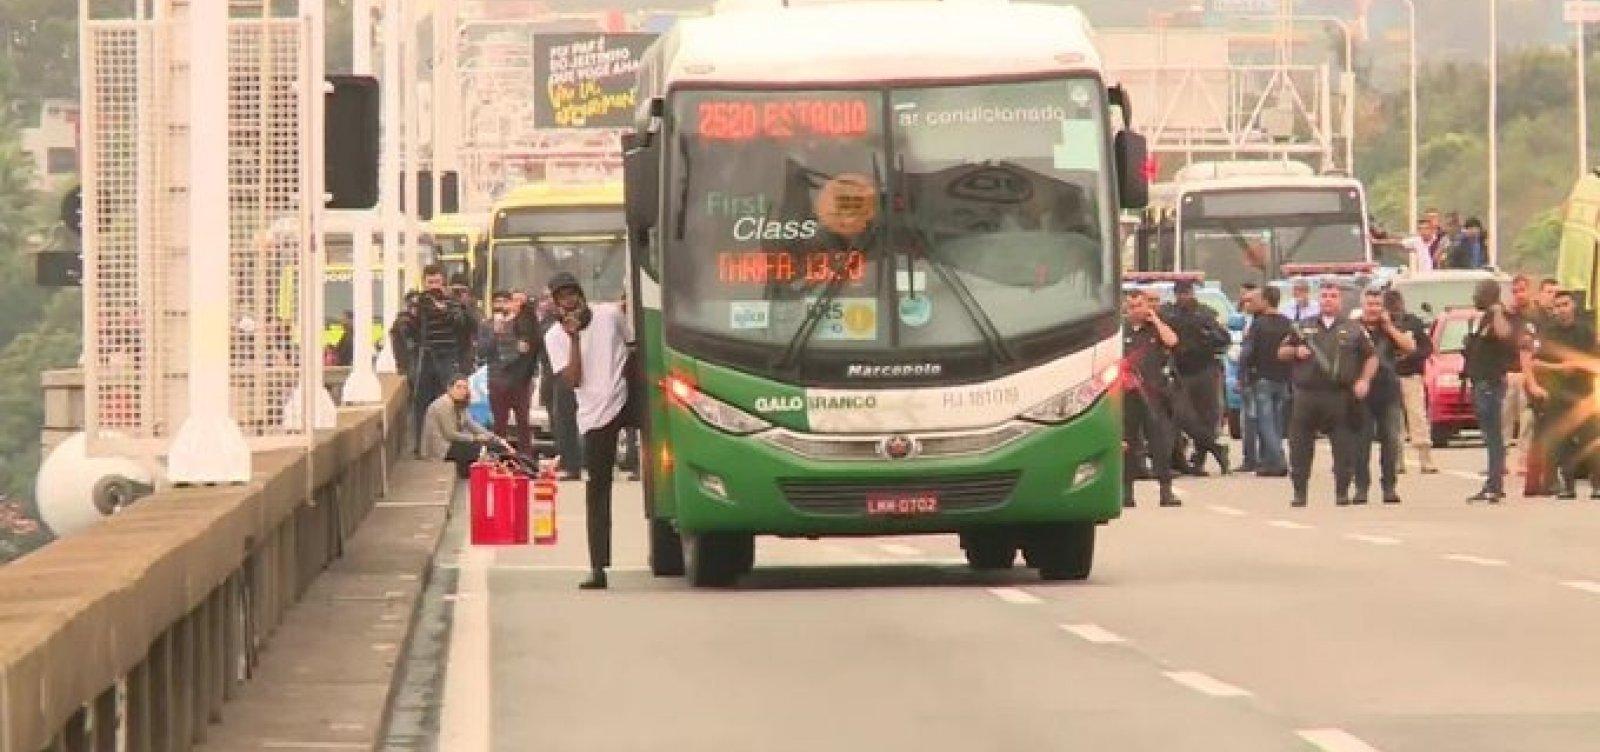 Polícia Civil já ouviu 30 testemunhas do sequestro do ônibus no Rio